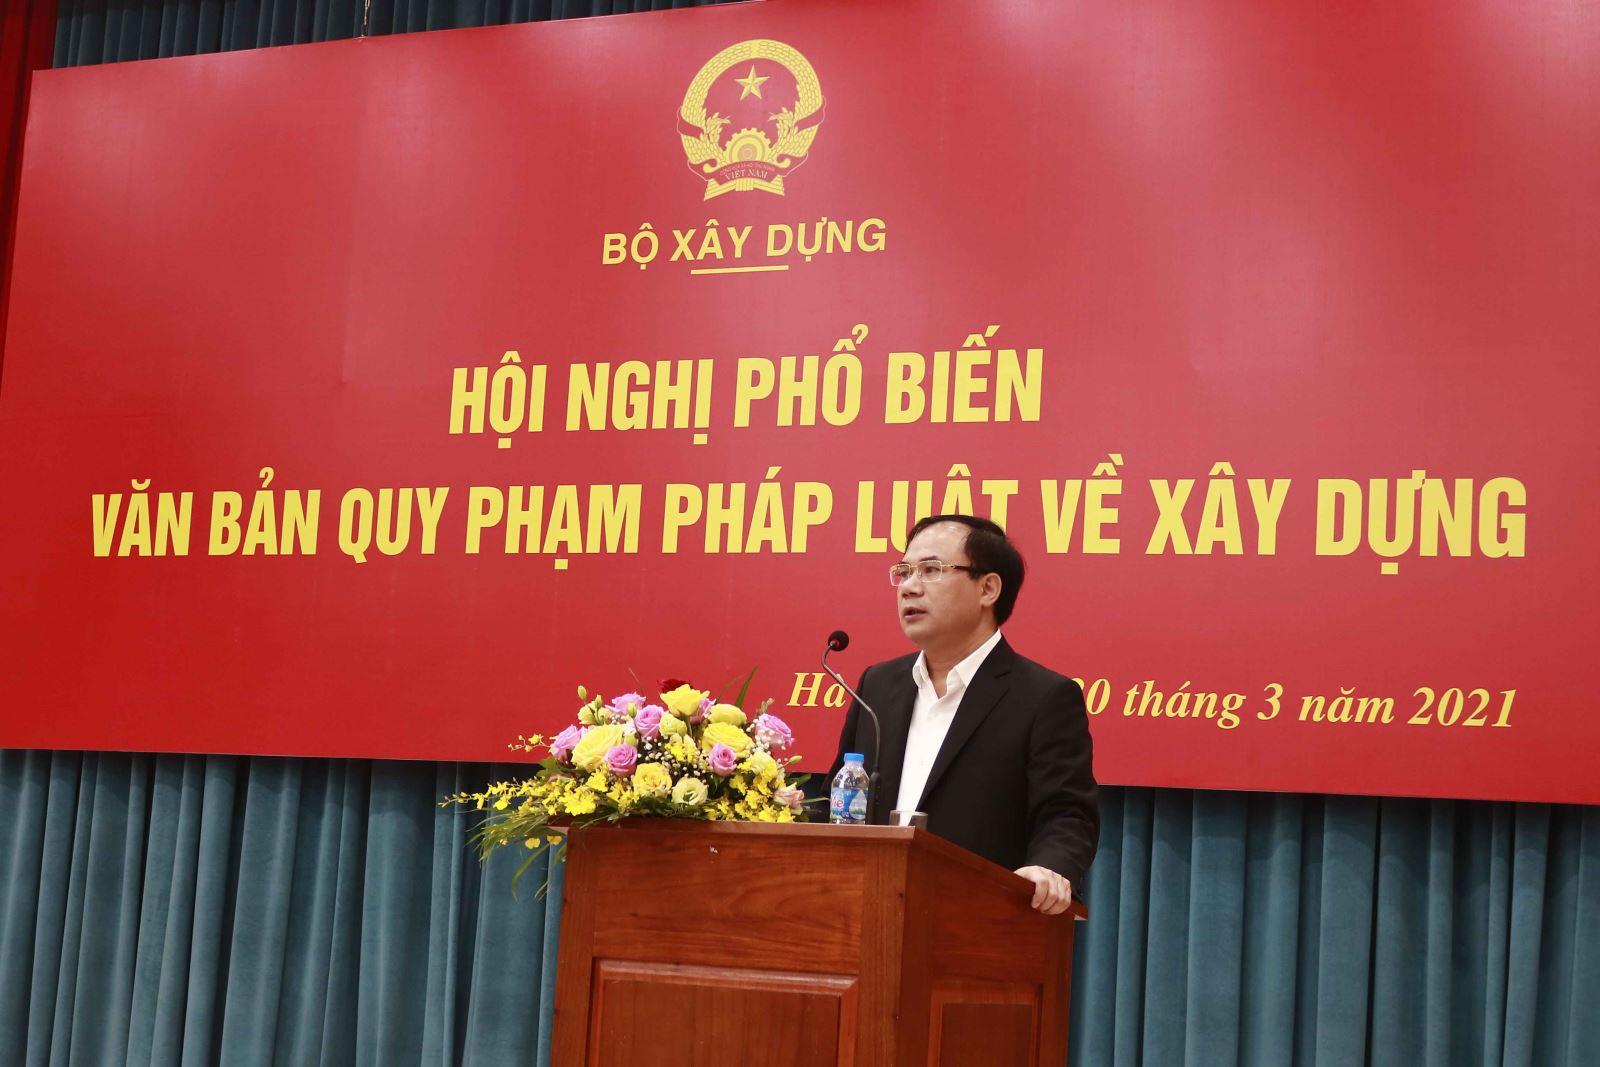 Thứ trưởng Bộ Xây dựng Nguyễn Văn Sinh phát biểu chỉ đạo hội nghị